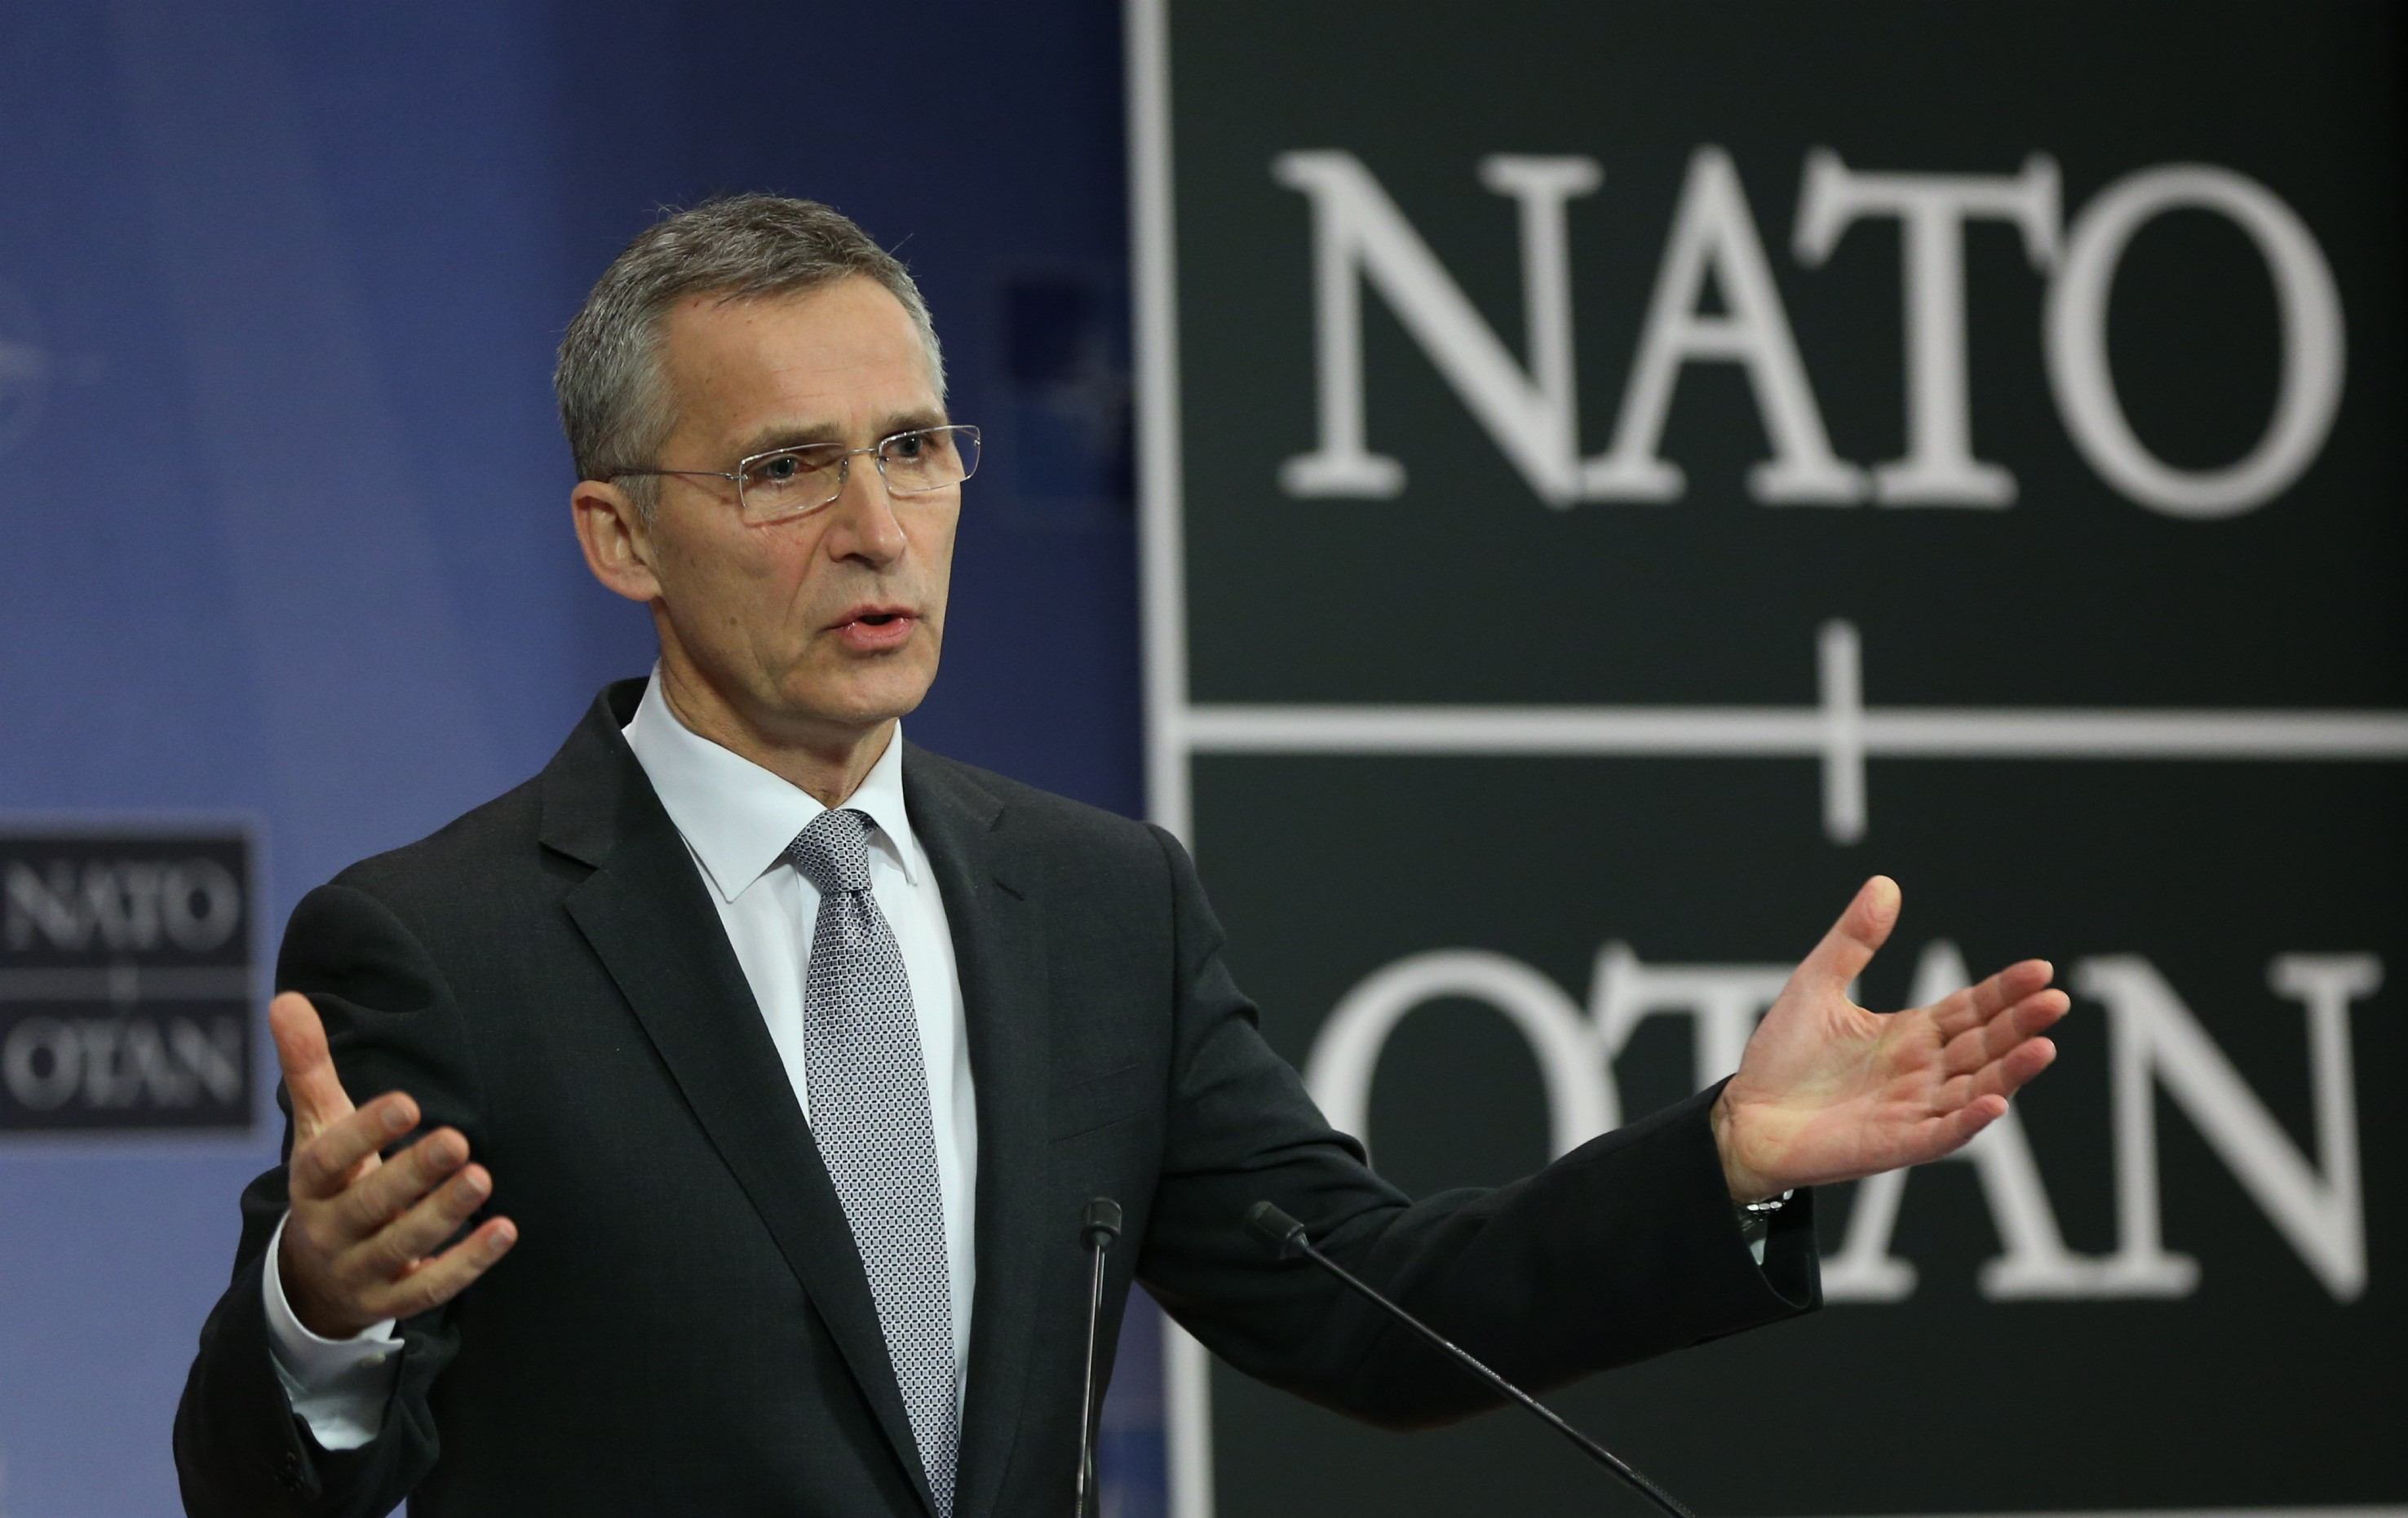 NATO va înfiinţa noi comandamente militare pentru a proteja Europa